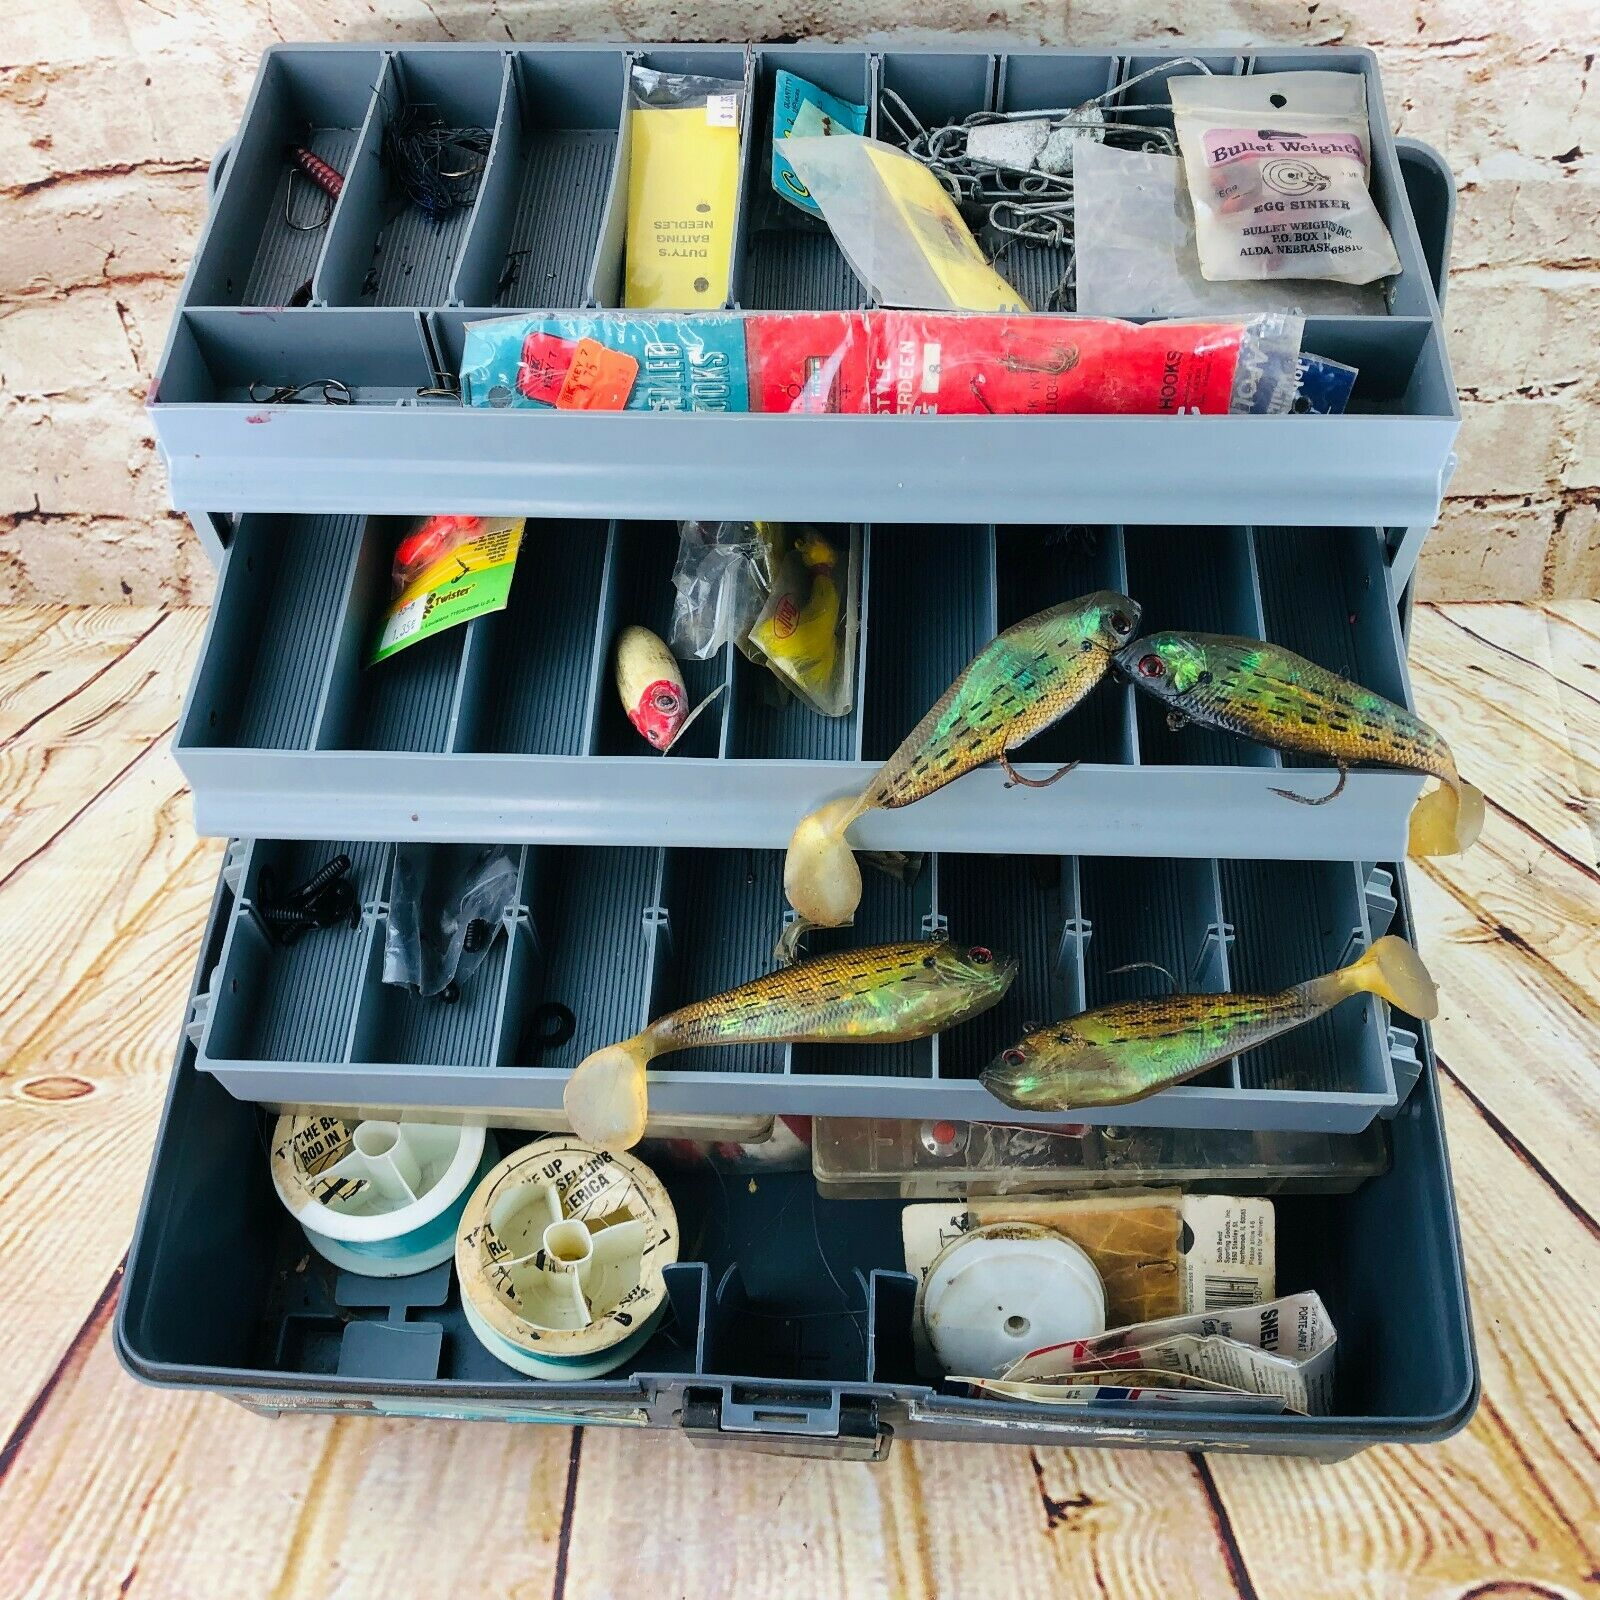 Caja de aparejos de pesca con accesorios (Cebos, señuelos, ganchos, plomos, pobbers, etc.)